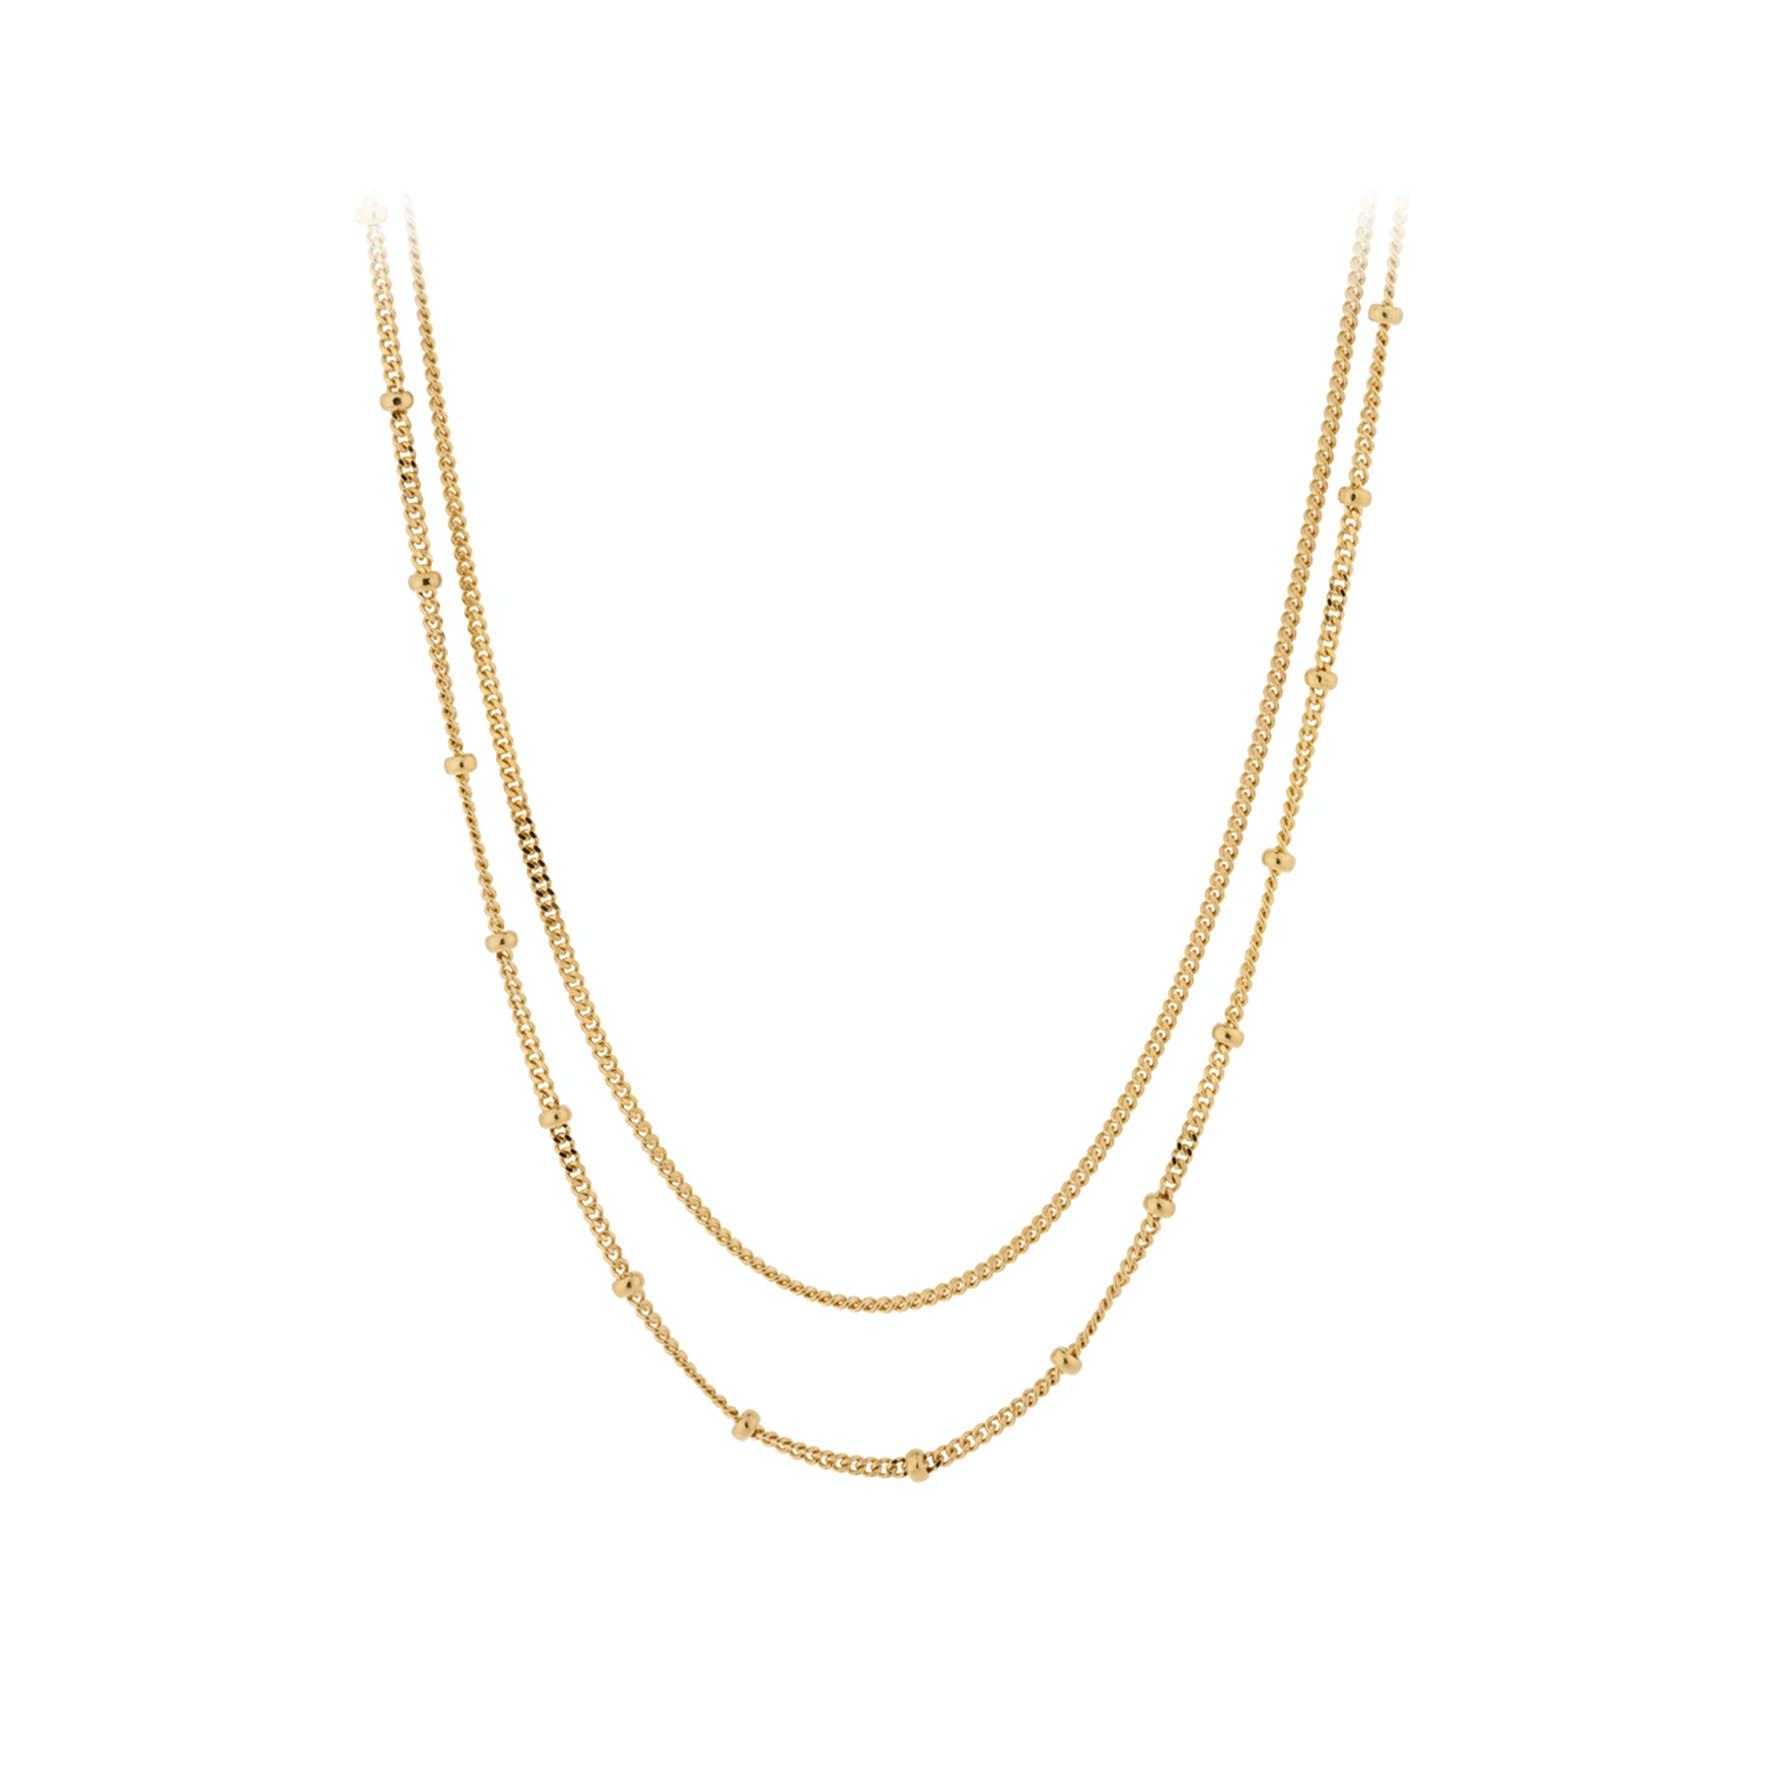 Galaxy Necklace fra Pernille Corydon i Forgyldt-Sølv Sterling 925